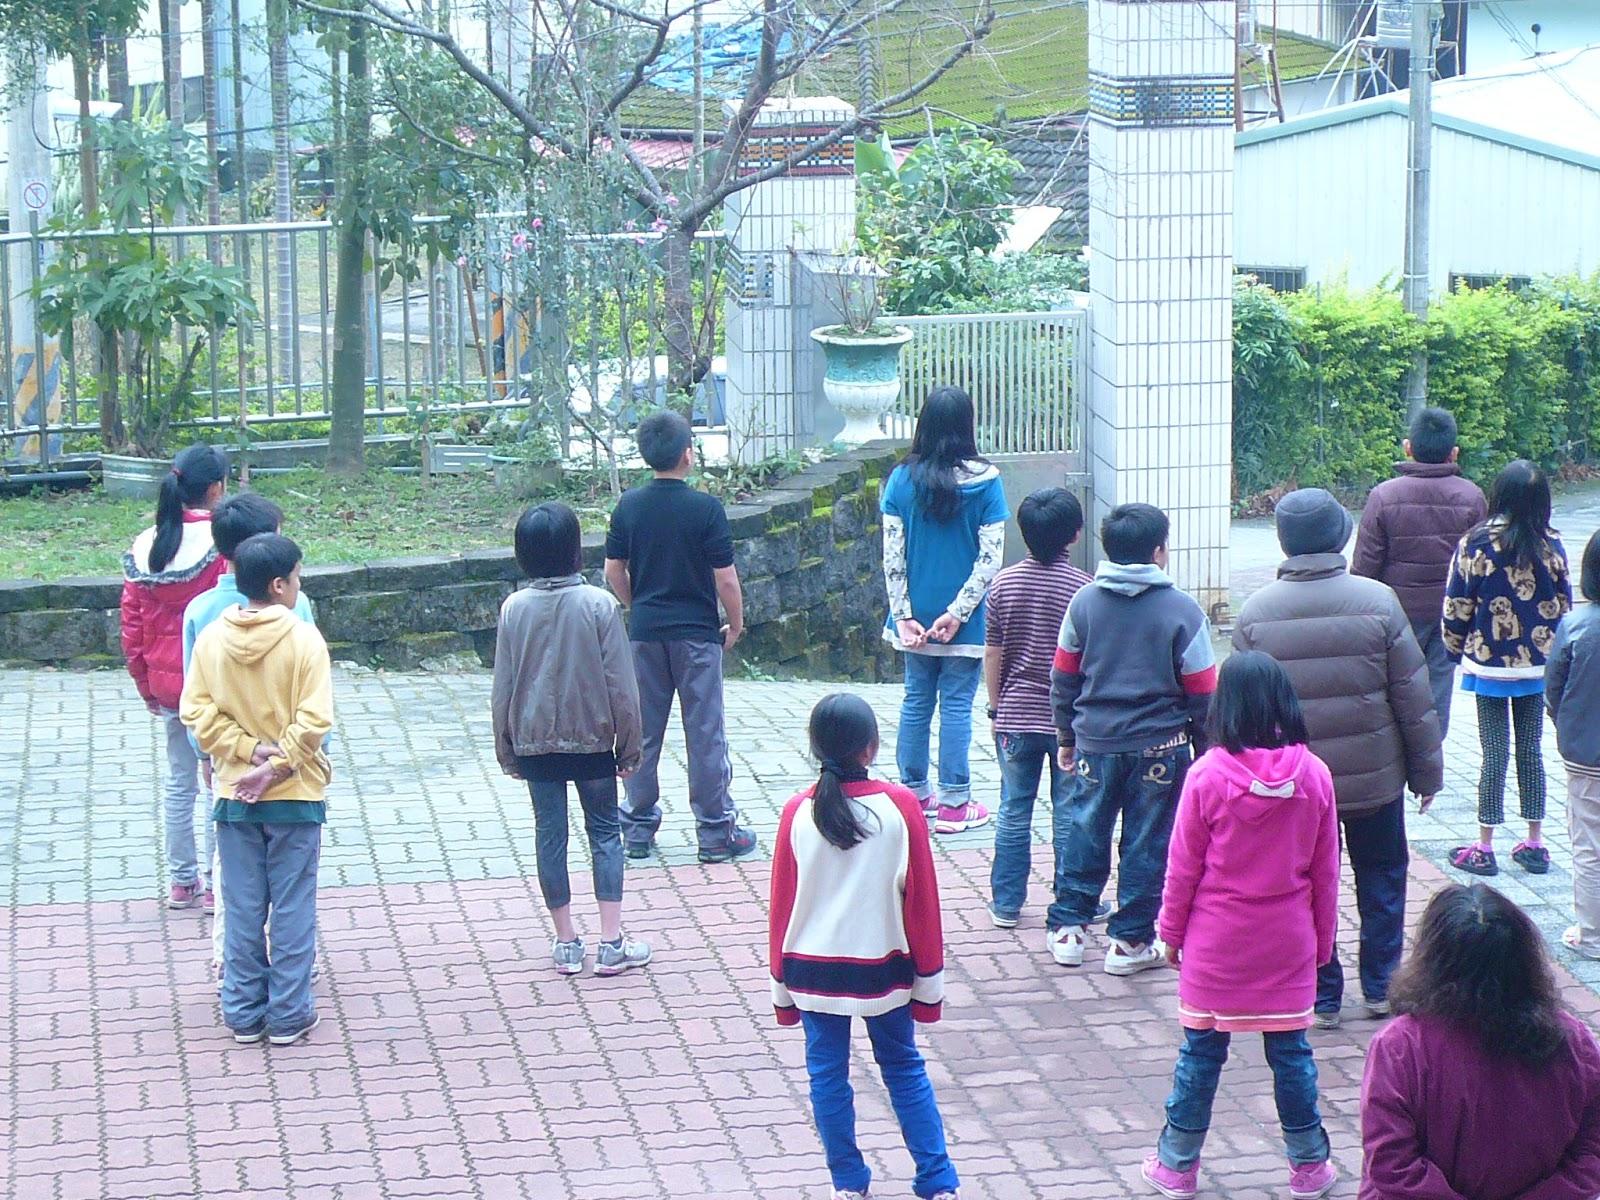 臺中市和平區達觀國民小學健康促進網: 視力保健望遠凝視